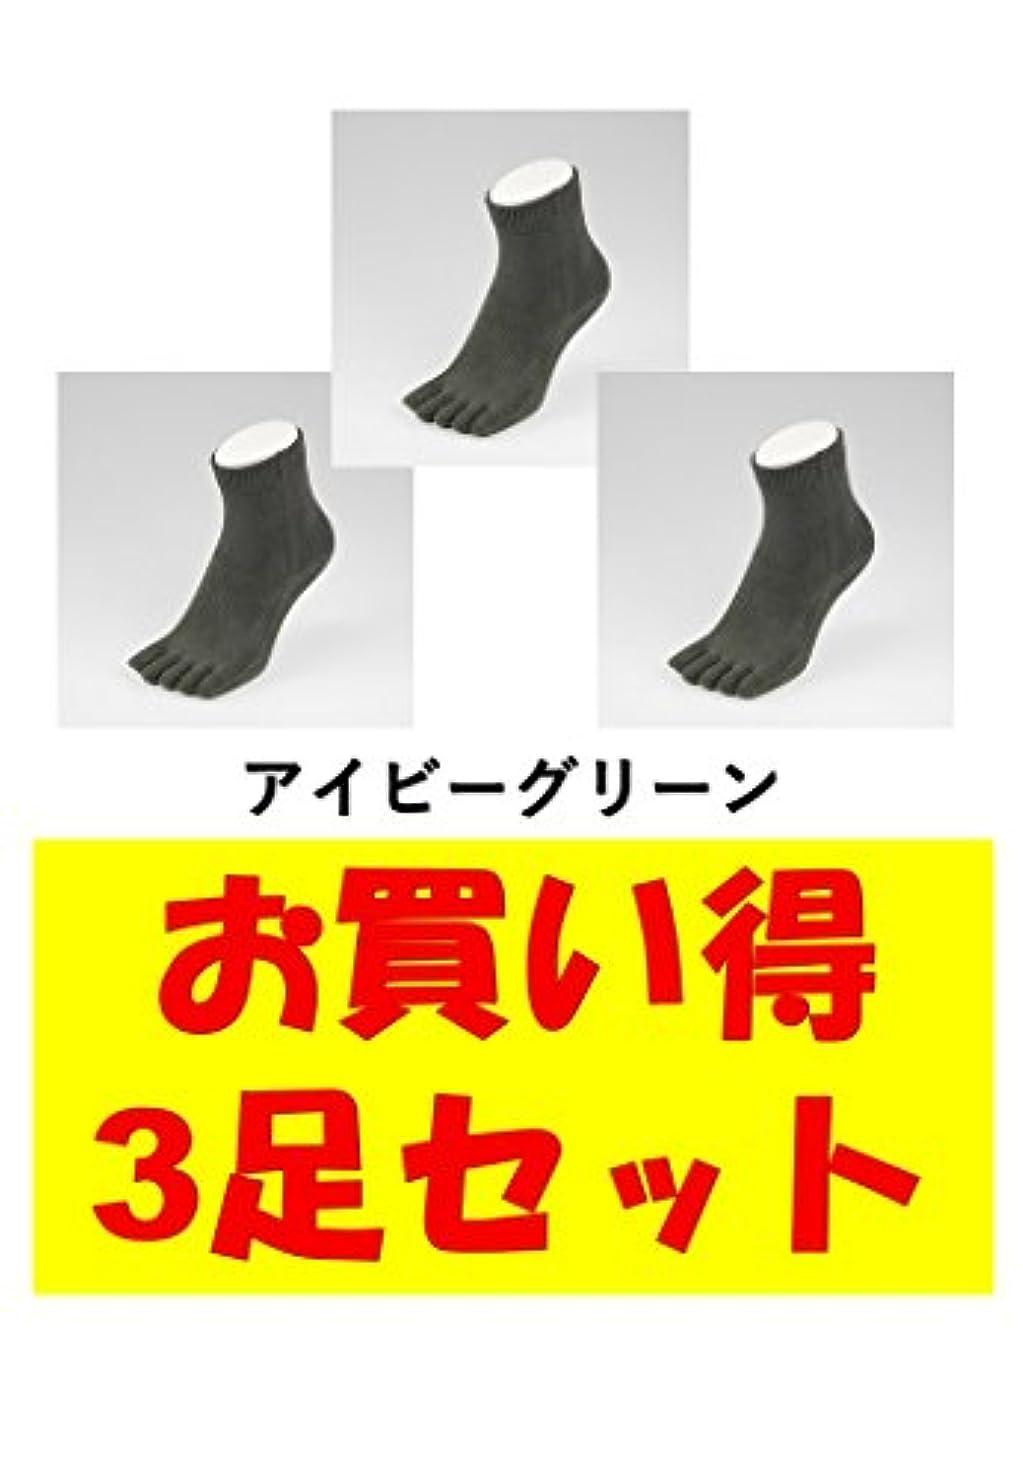 おばさん背景アーサーお買い得3足セット 5本指 ゆびのばソックス Neo EVE(イヴ) アイビーグリーン Sサイズ(21.0cm - 24.0cm) YSNEVE-IGR